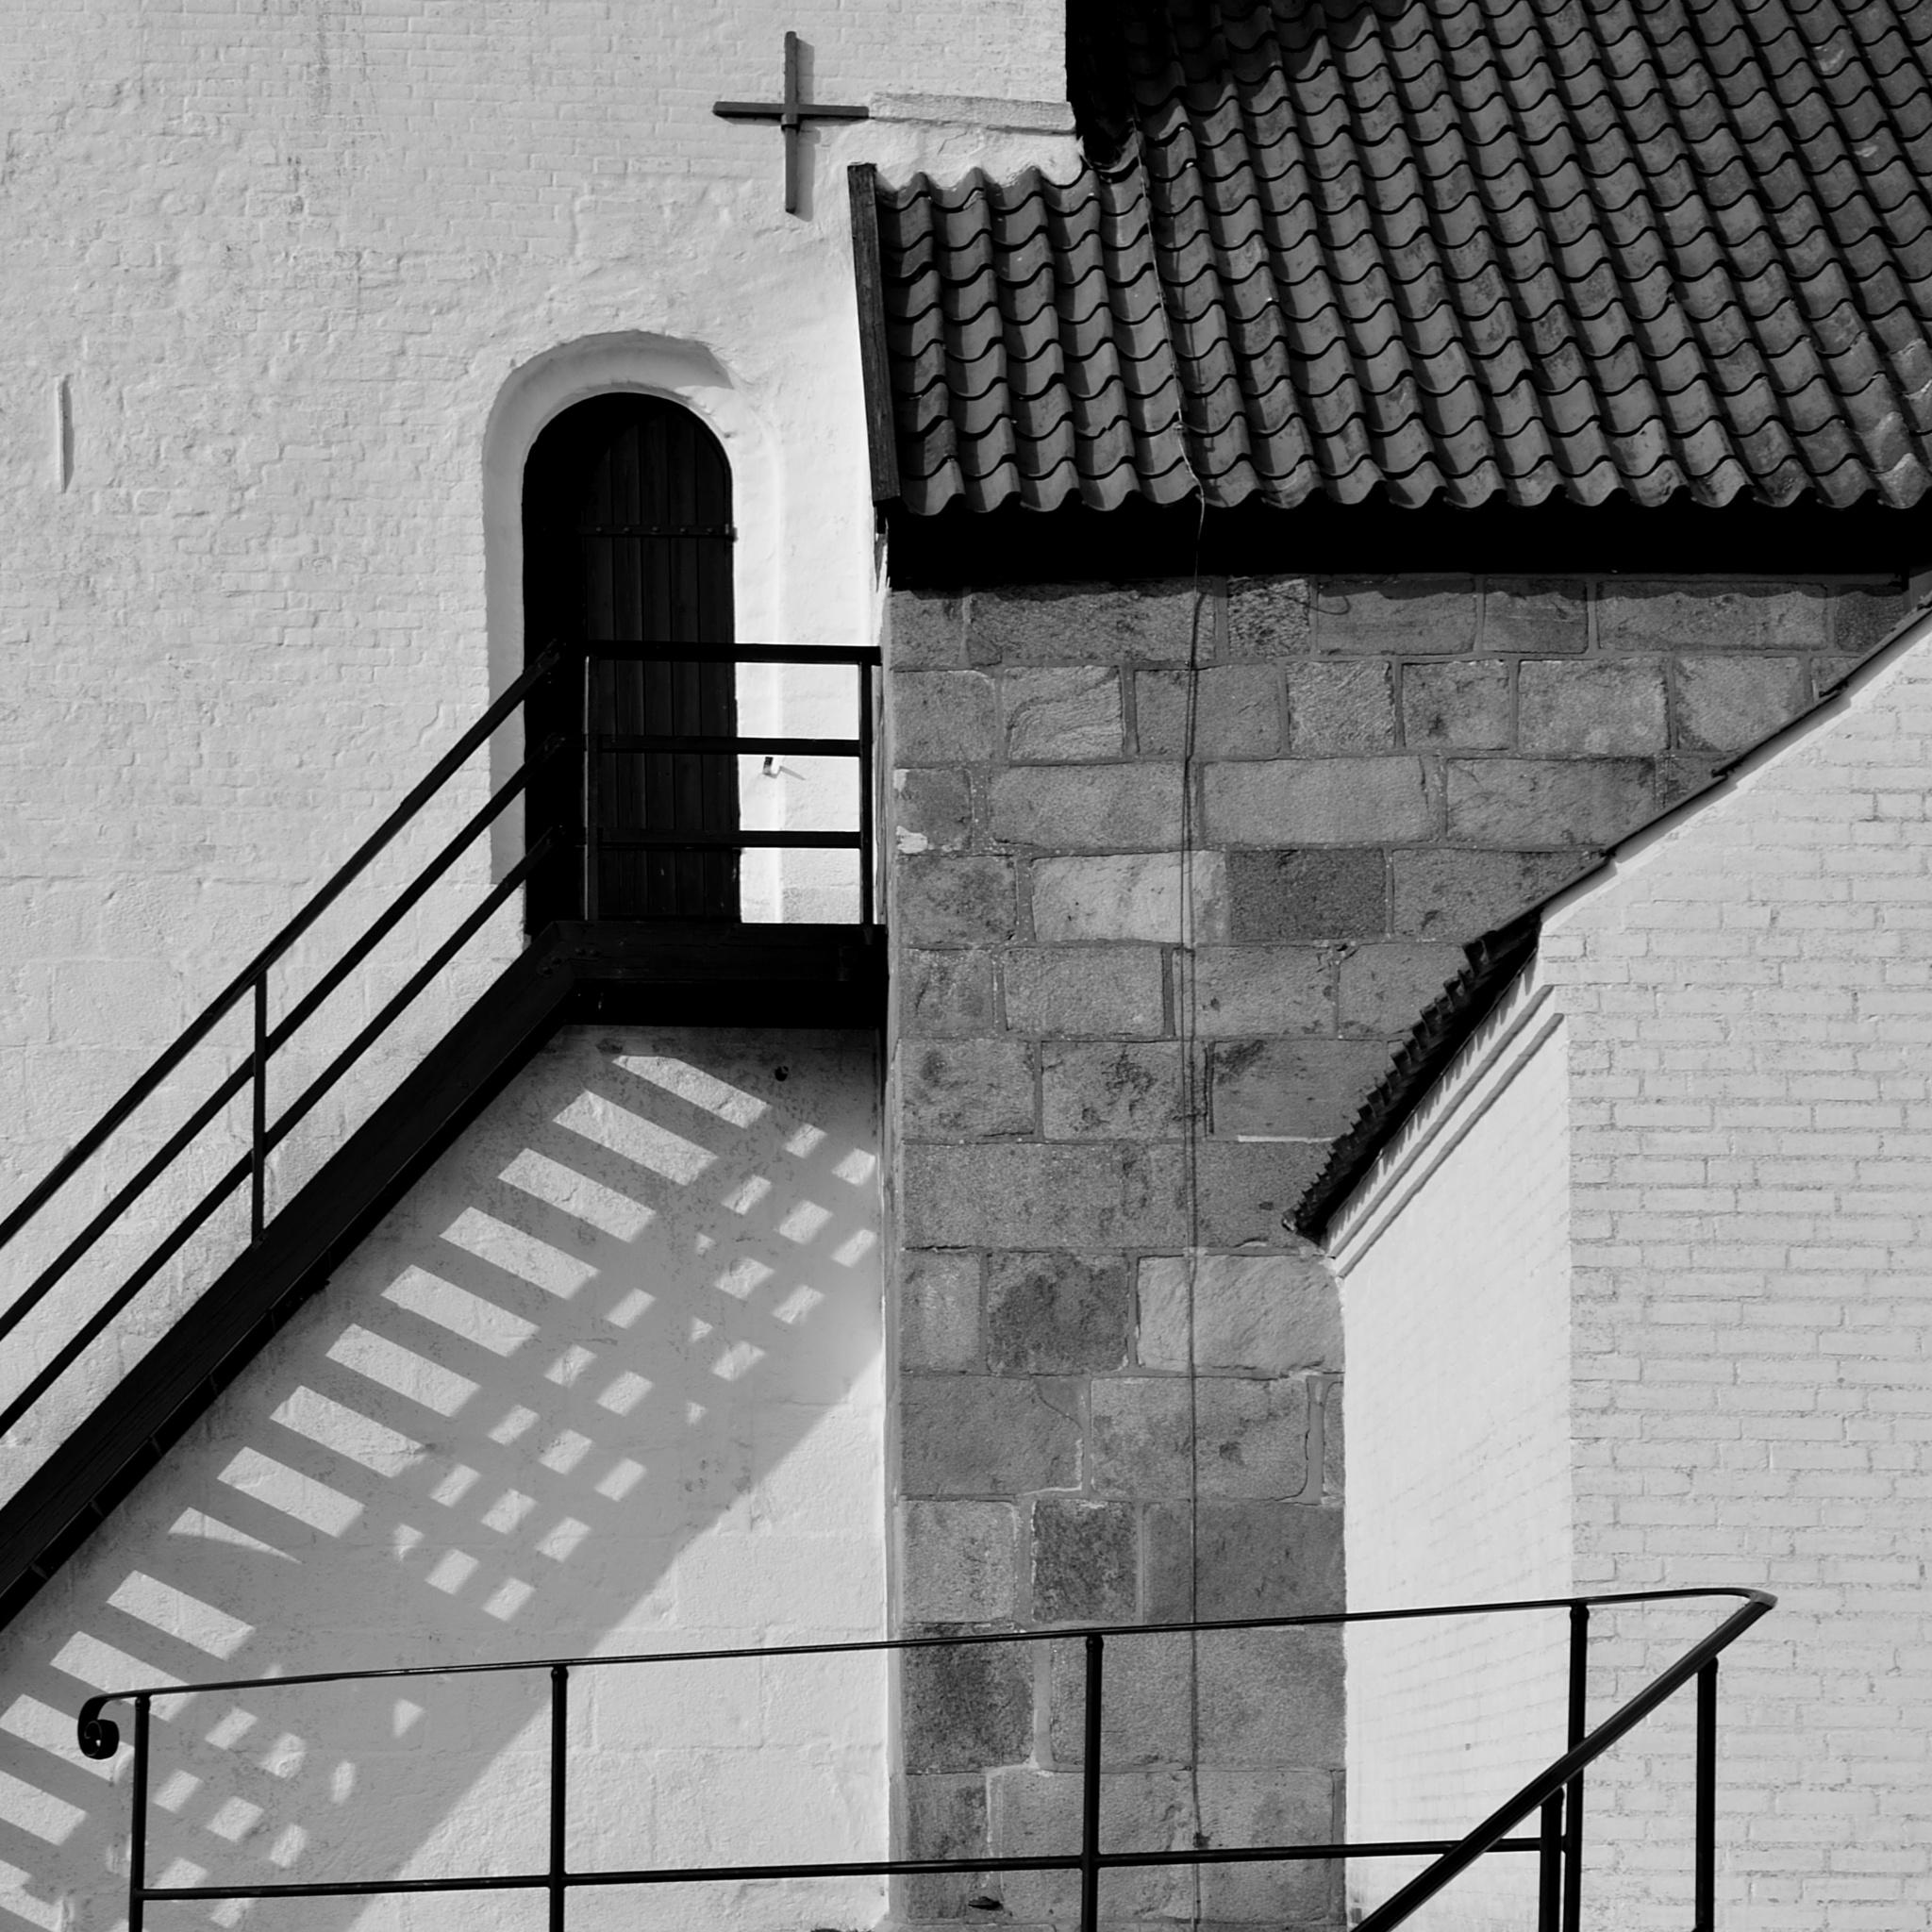 Church by Poul-Erik Riis